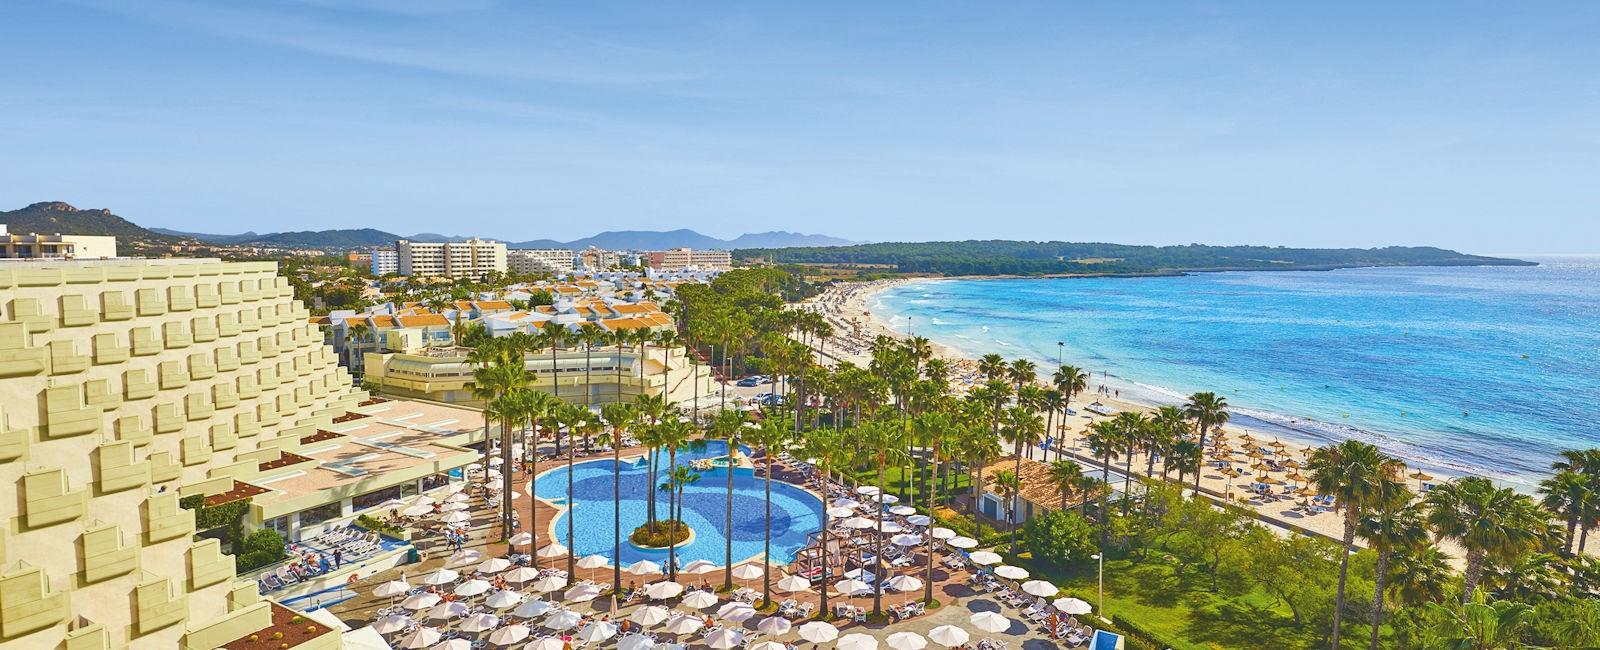 Luxury Playa de Sa Coma Holidays